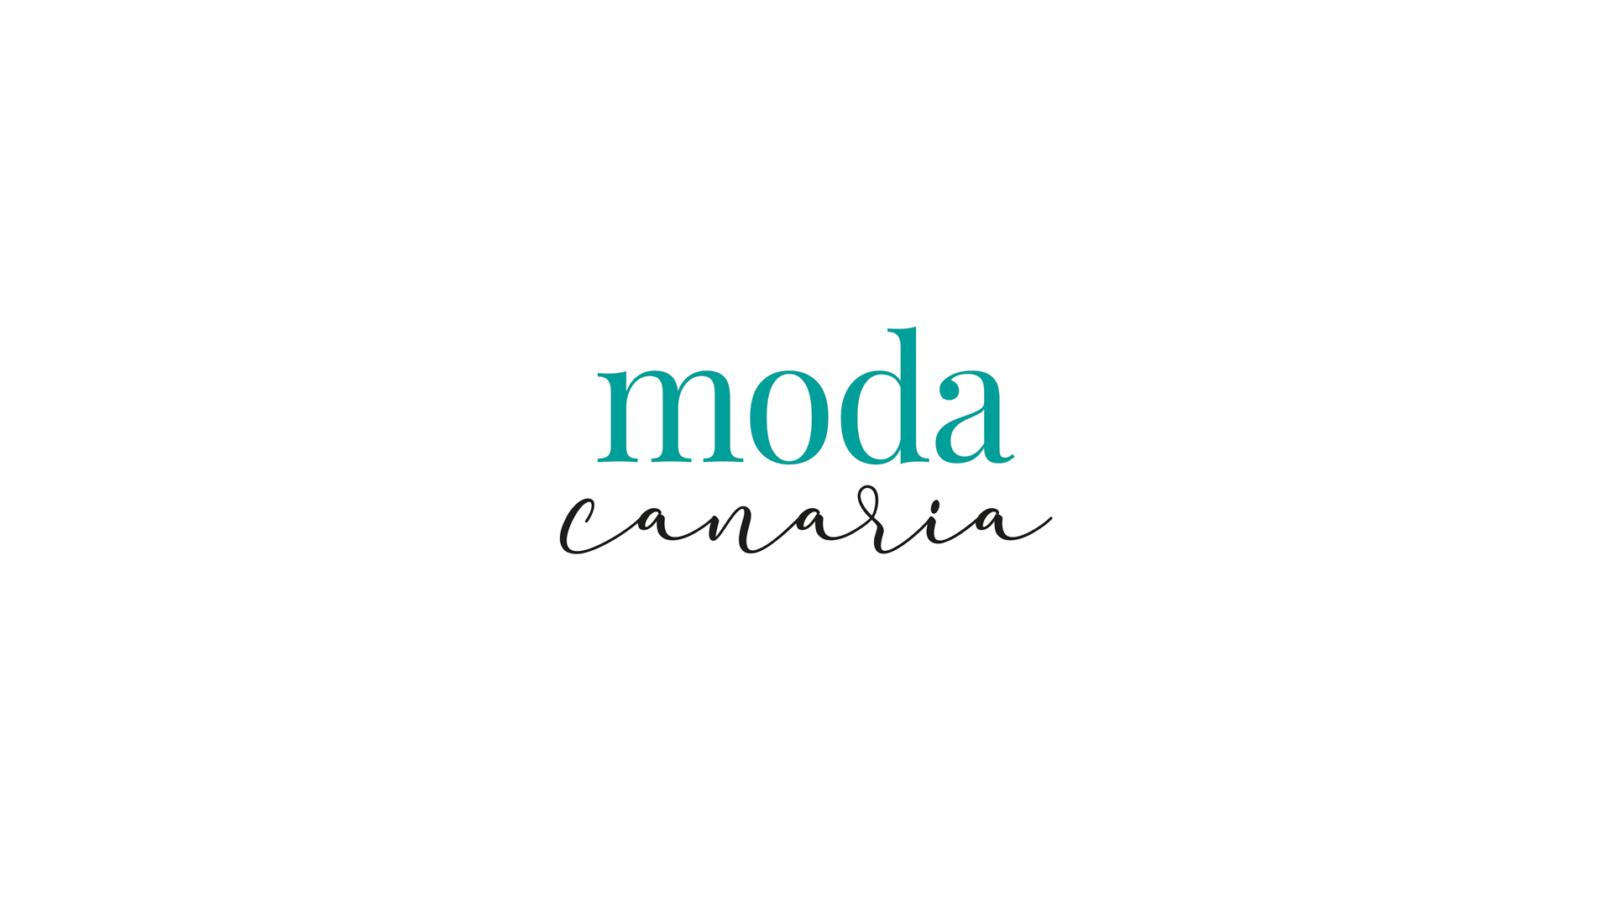 Moda-Canaria-logo-marca-senorcreativo